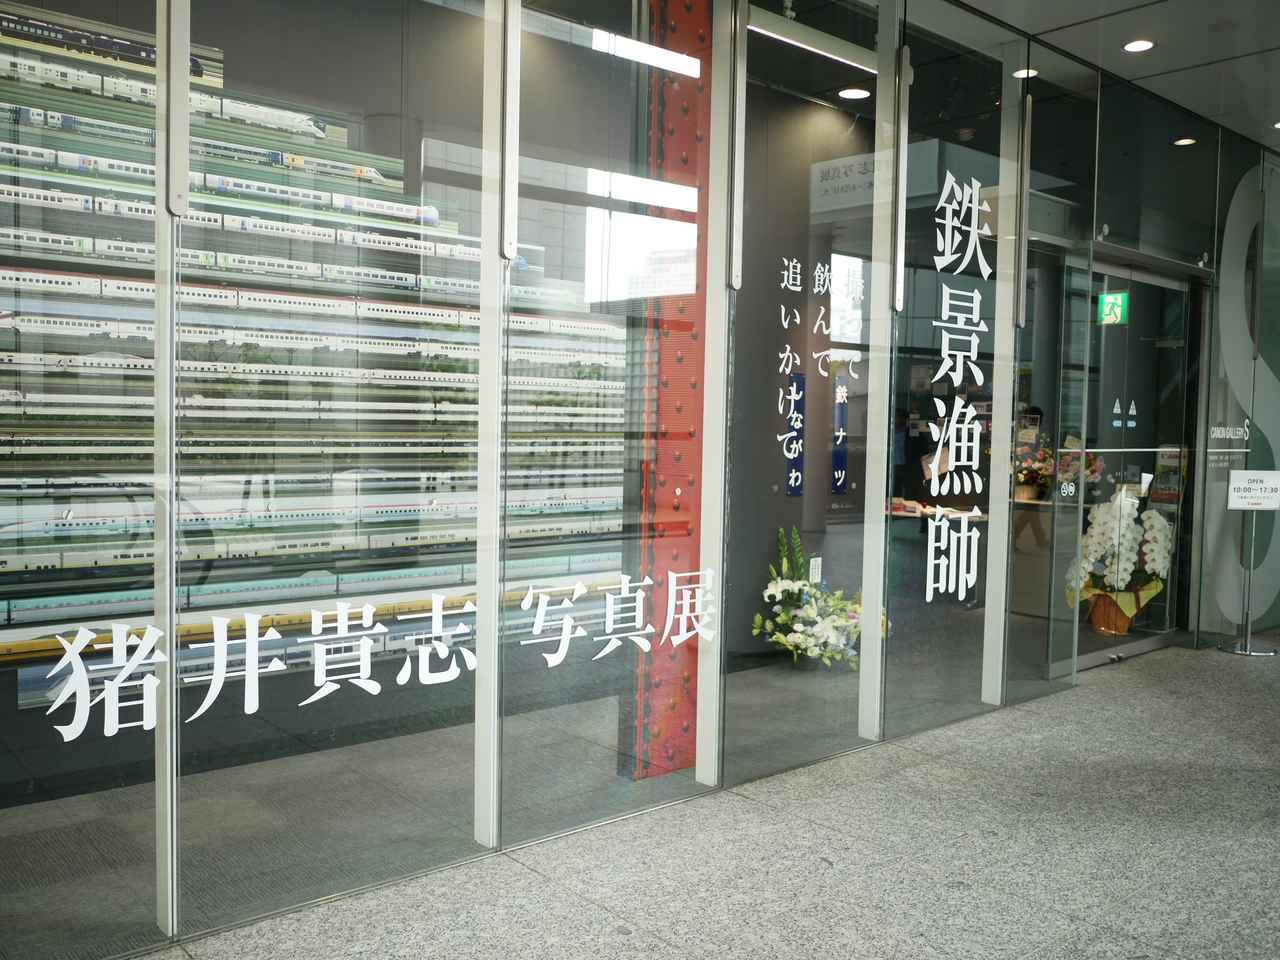 画像: 1階はキヤノンギャラリーS。この日は猪井貴志さんの写真展。中の写真をお見せできないのが残念。